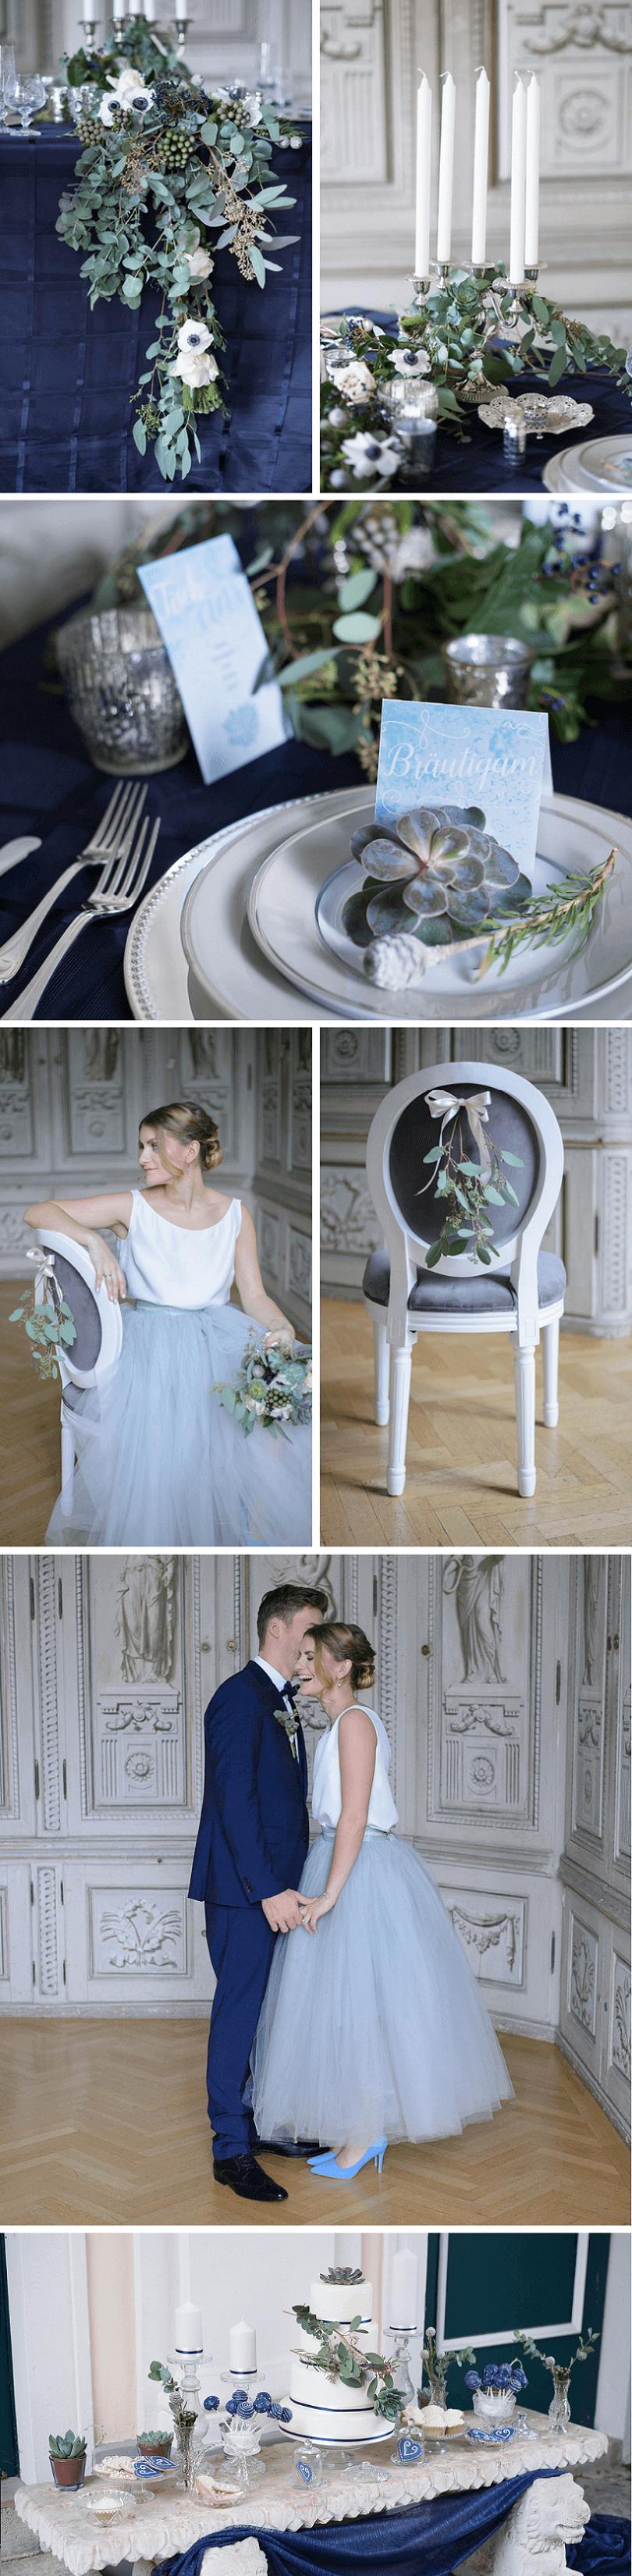 Winterhochzeit 10 Romantische Inspirationen Und Ideen Hochzeitskiste